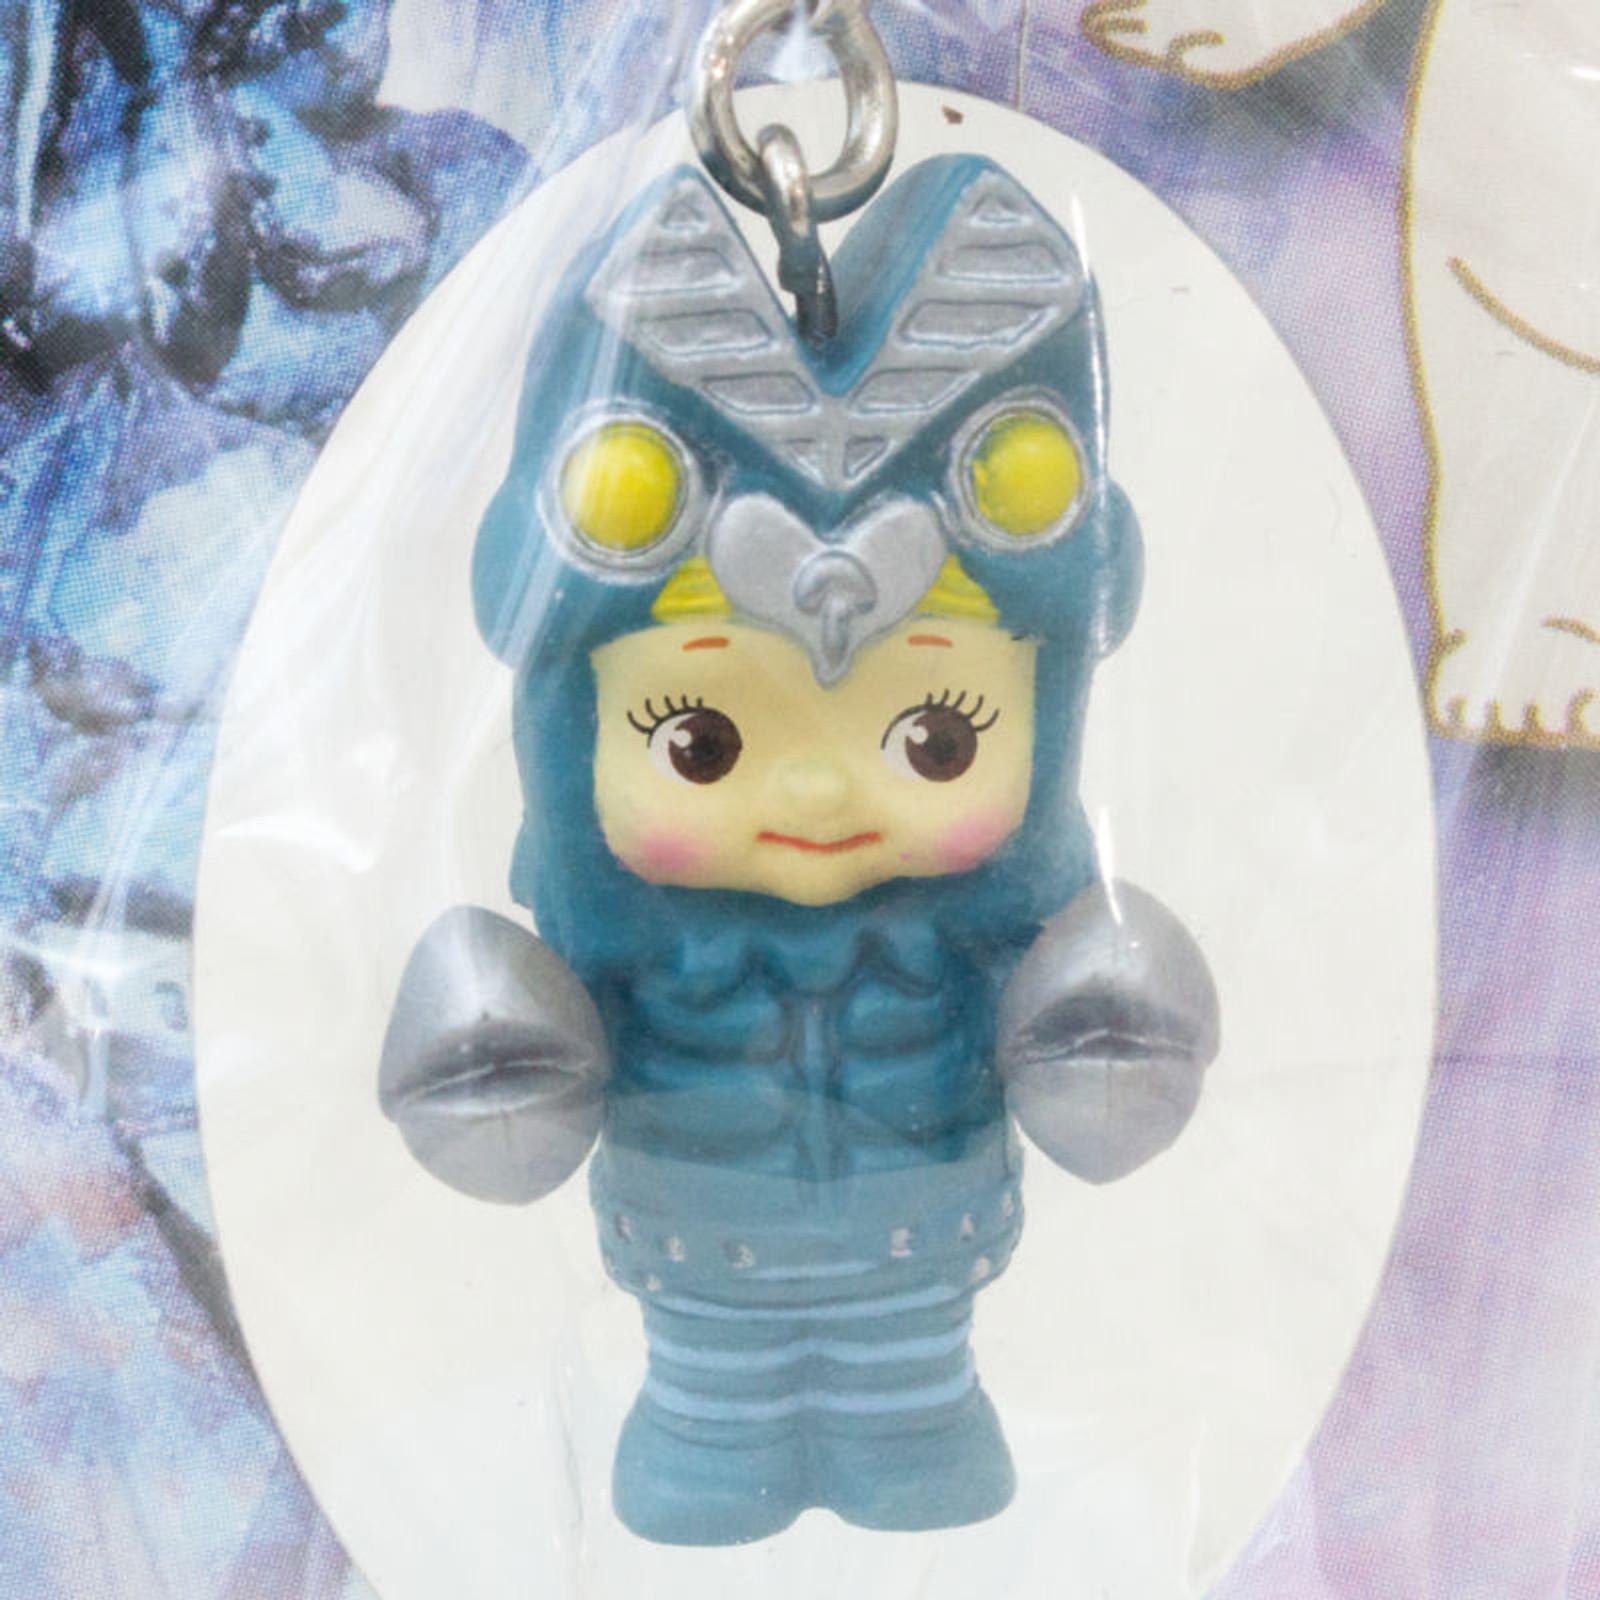 Ultraman Alien Baltan Rose O'neill Kewpie Kewsion Figure Strap JAPAN ANIME